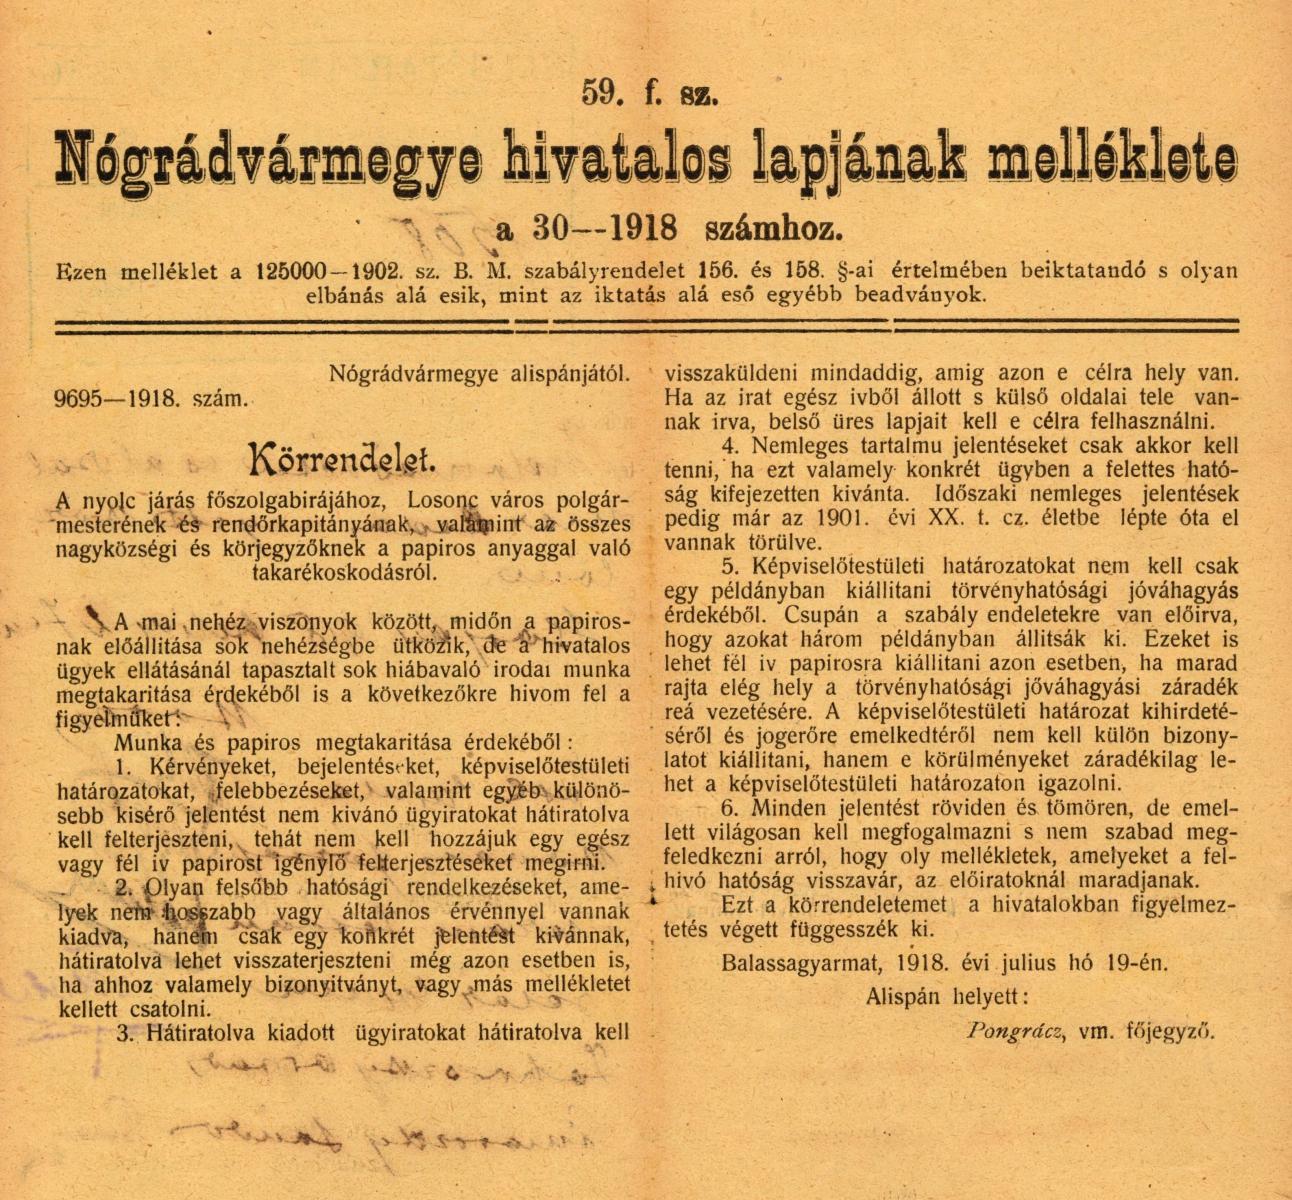 17_13.-V.171.c-7568-1918